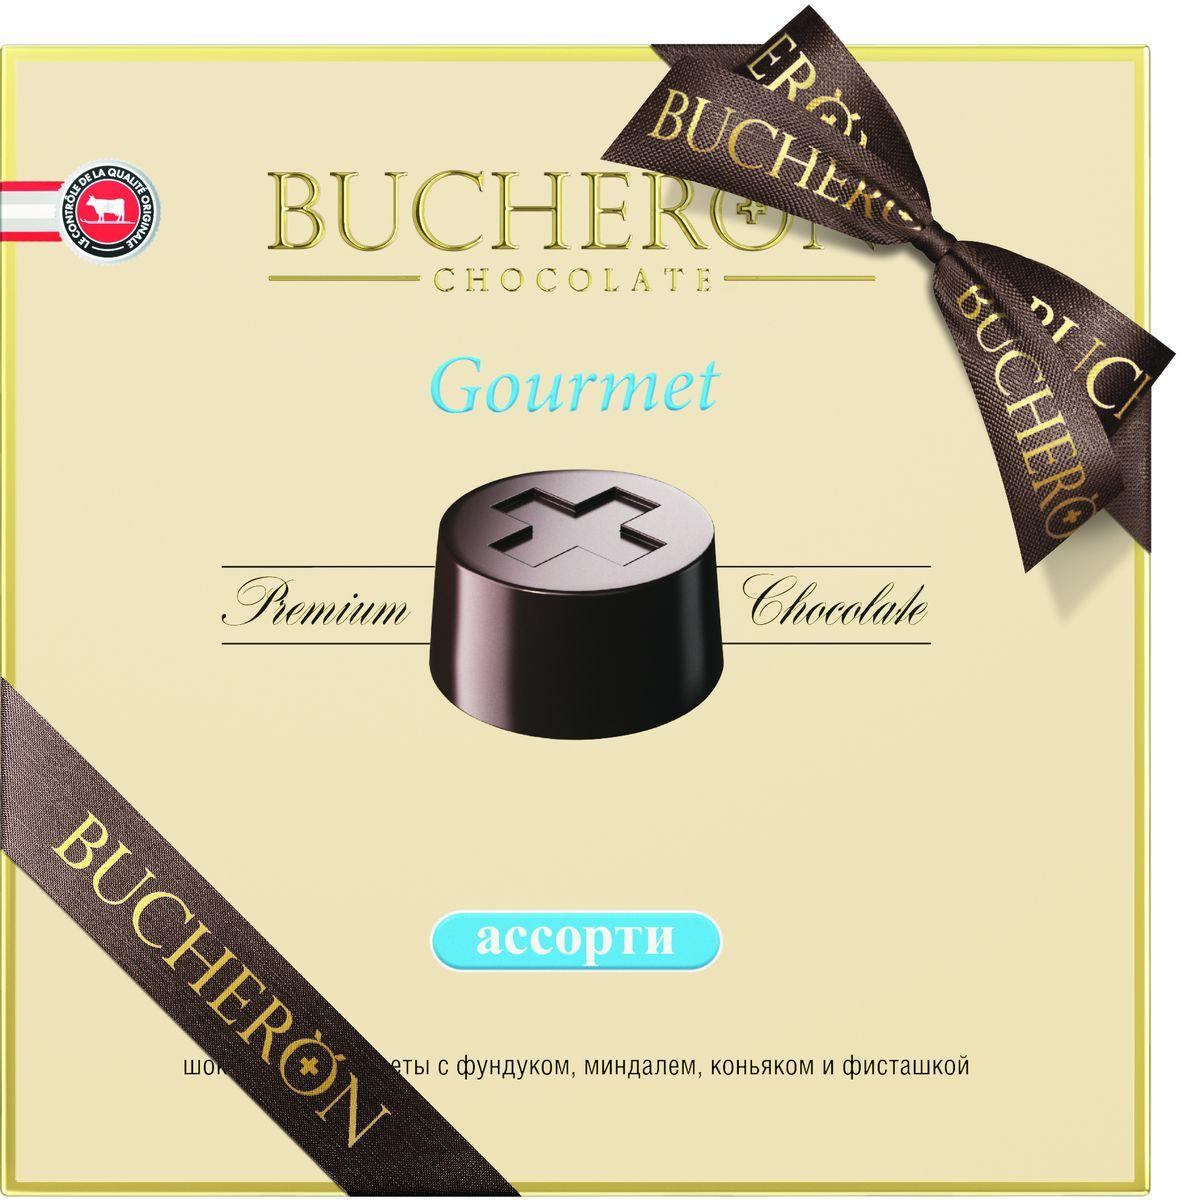 Bucheron Gourmet конфеты ассорти, 180 г конфеты круглые с ромом купить в иркутске